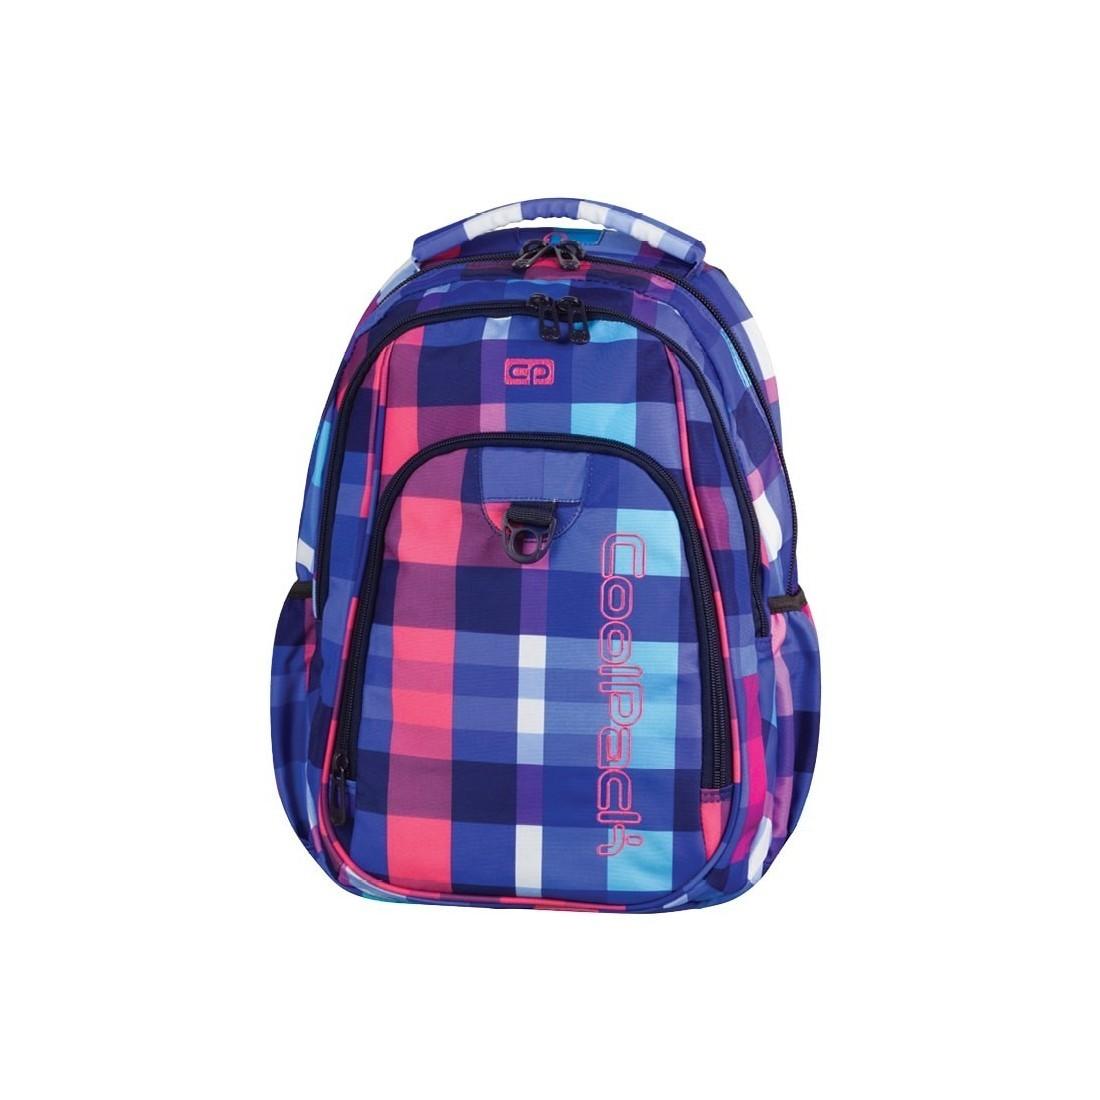 e2793ddf1567f Plecak młodzieżowy CoolPack CP Strike 731 Cubic dla dziewczyny ...